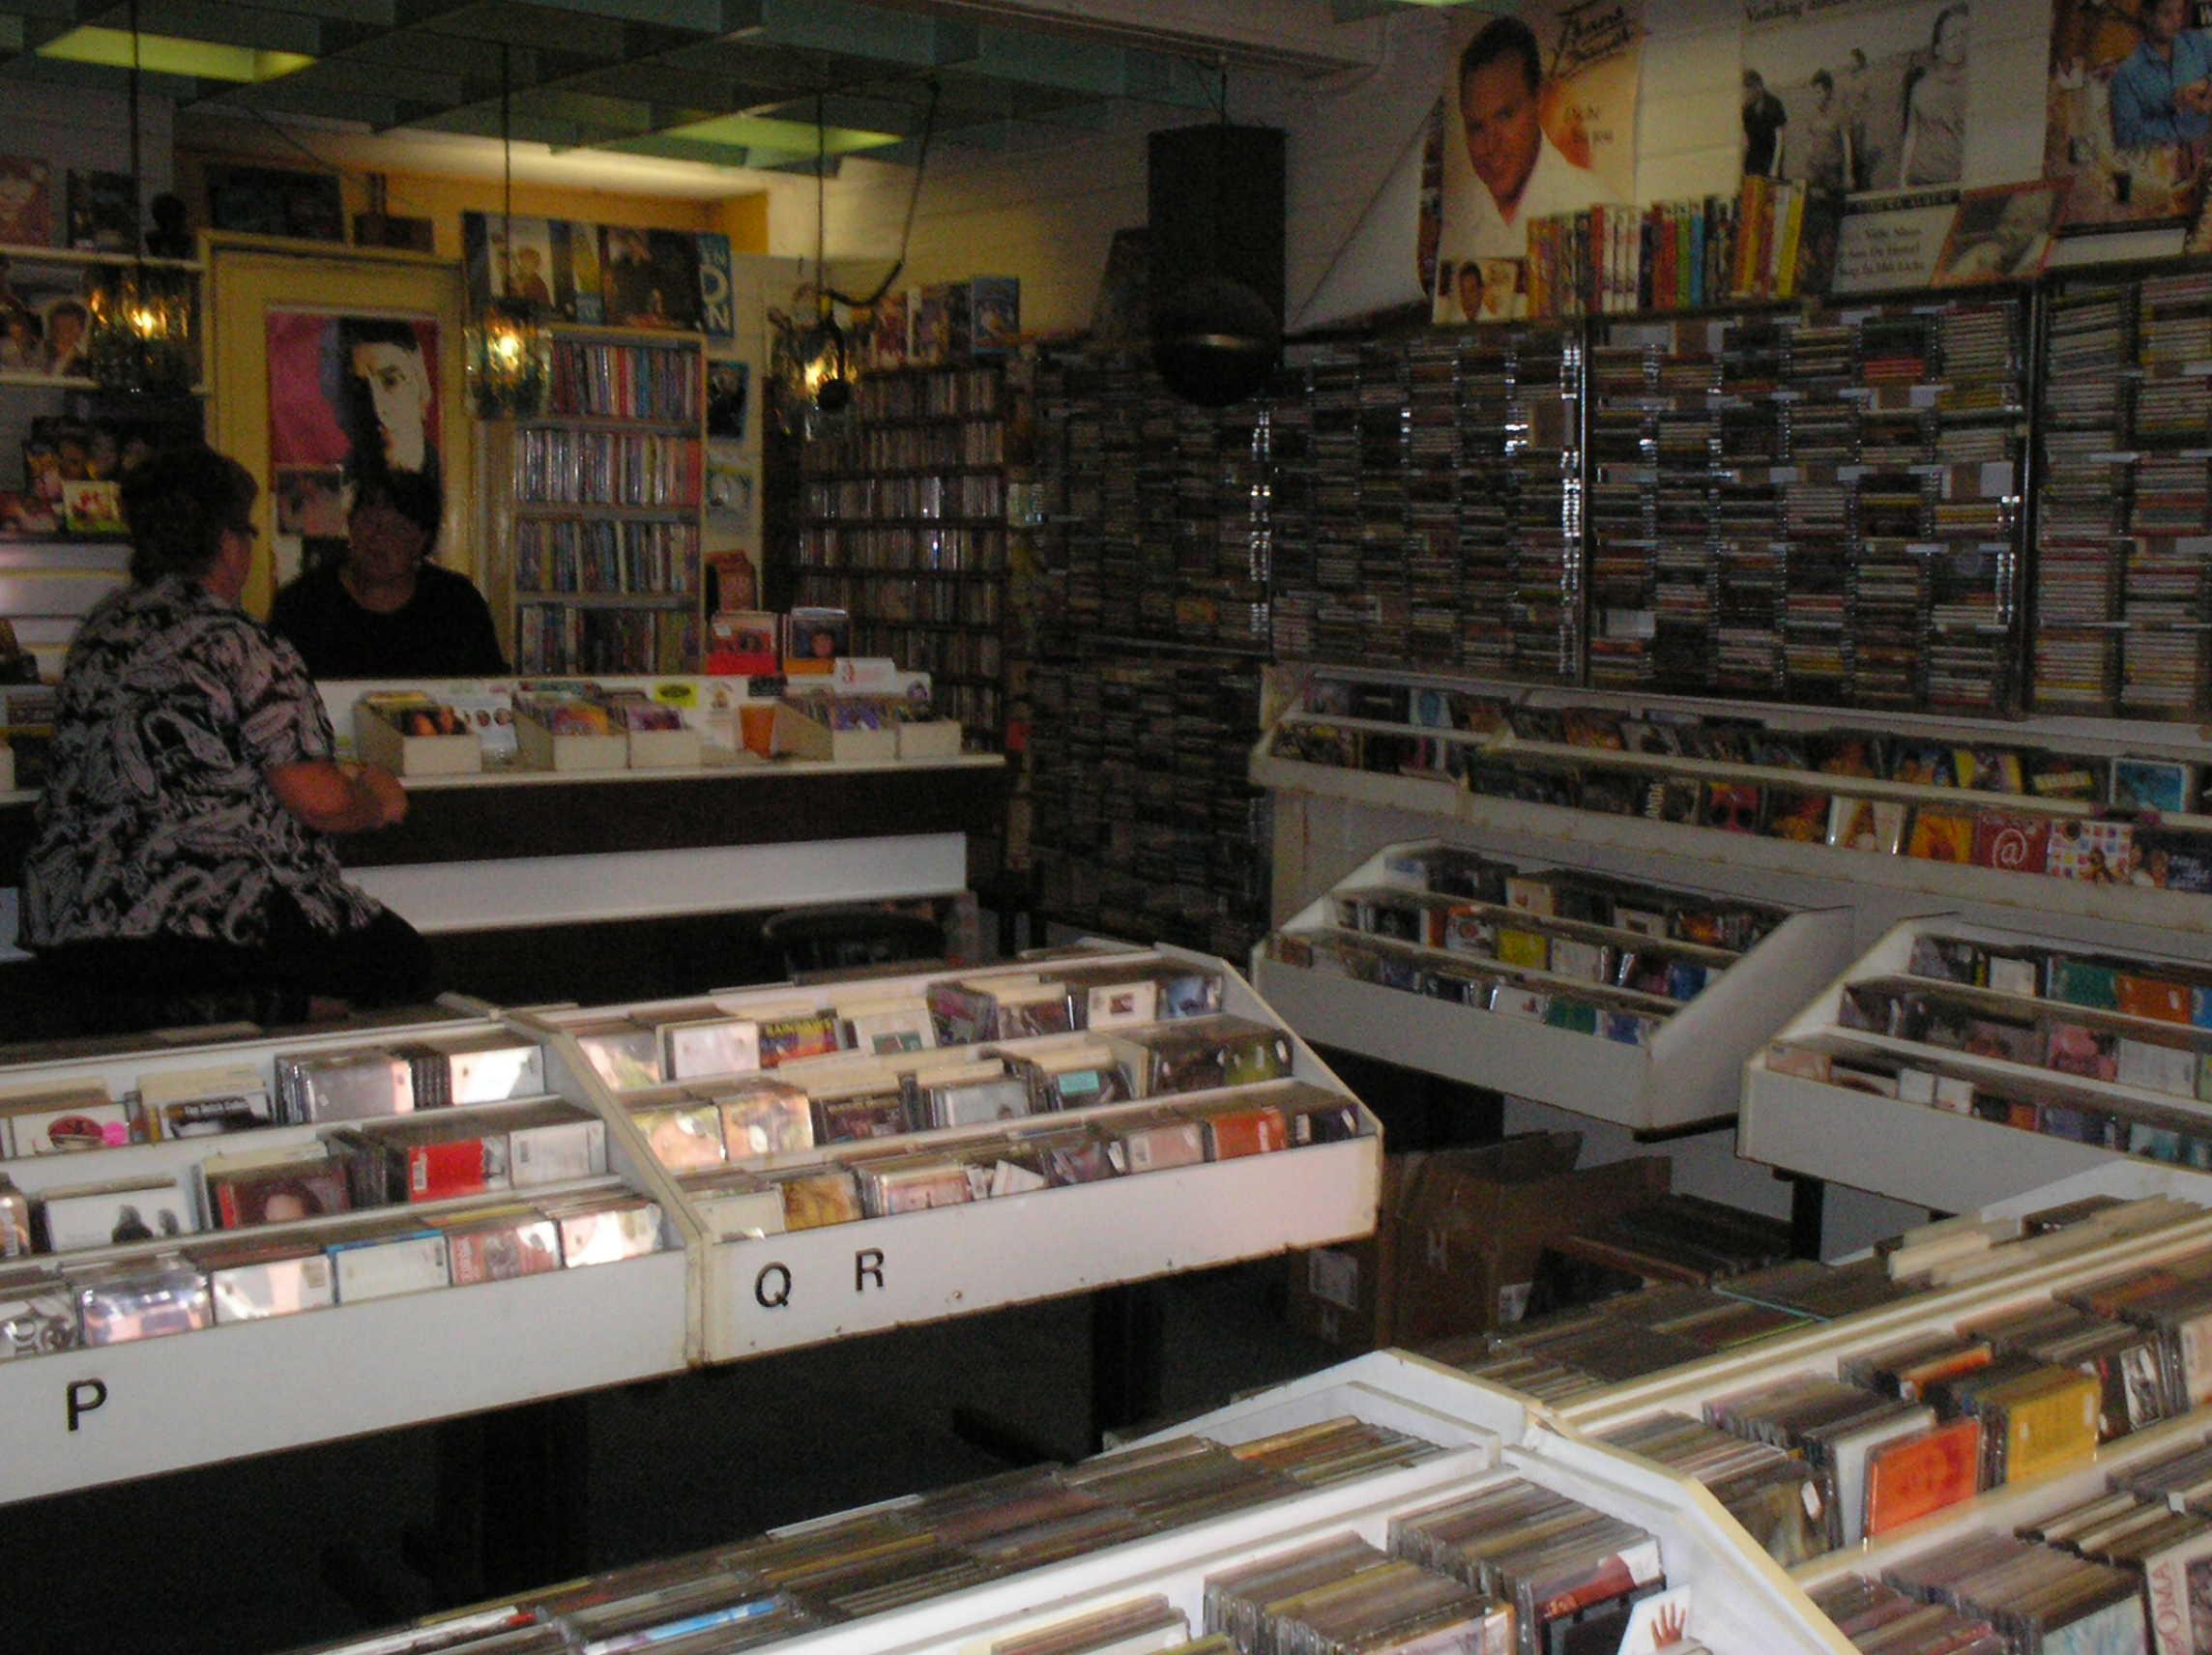 Het interieur van de winkel geheugen van oost for Interieur winkels